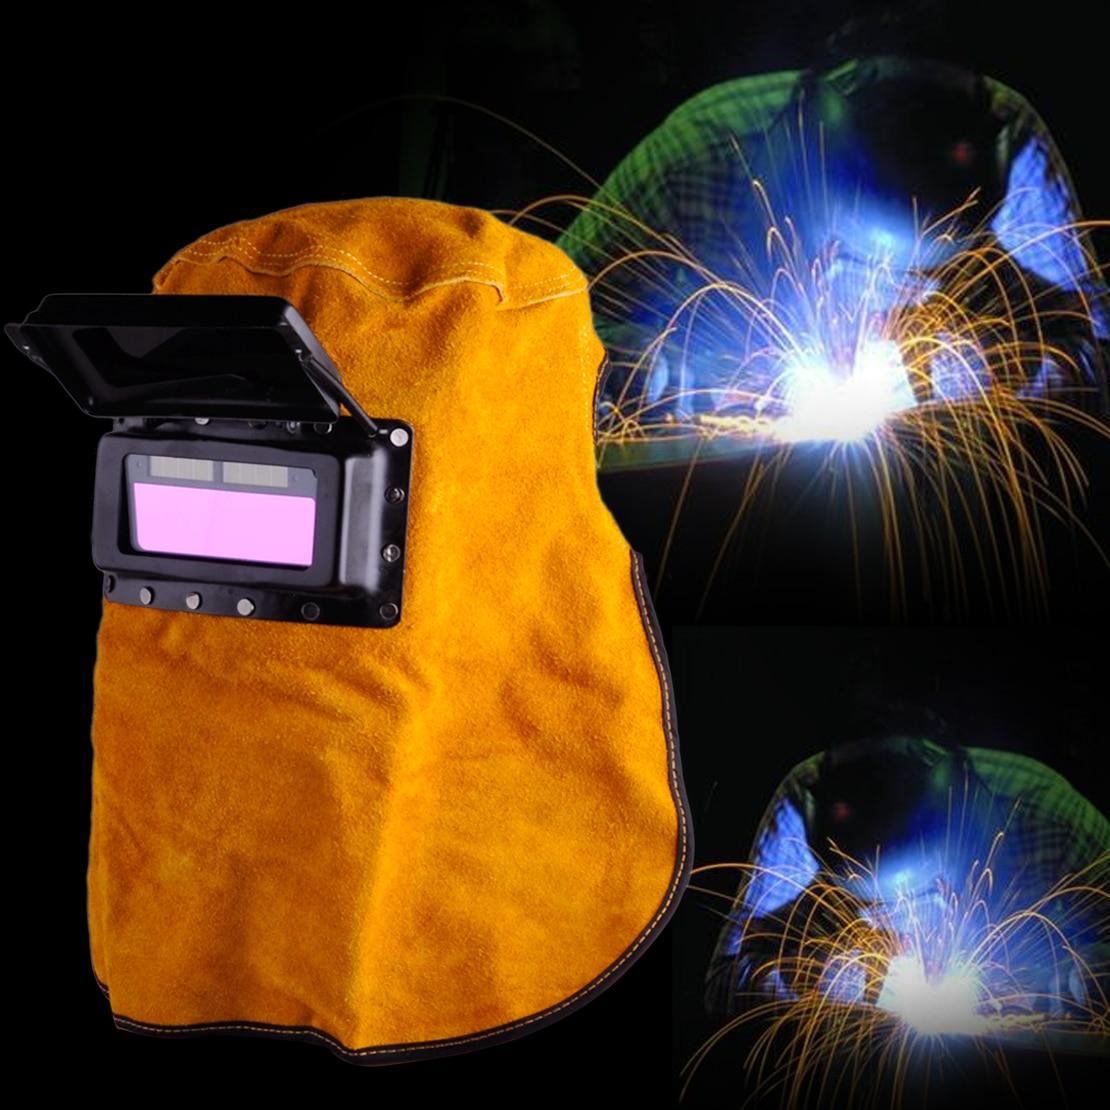 цена на LETAOSK New Portable Leather Hood Welding Helmet Mask Solar Auto Darkening Filter Lens Welder